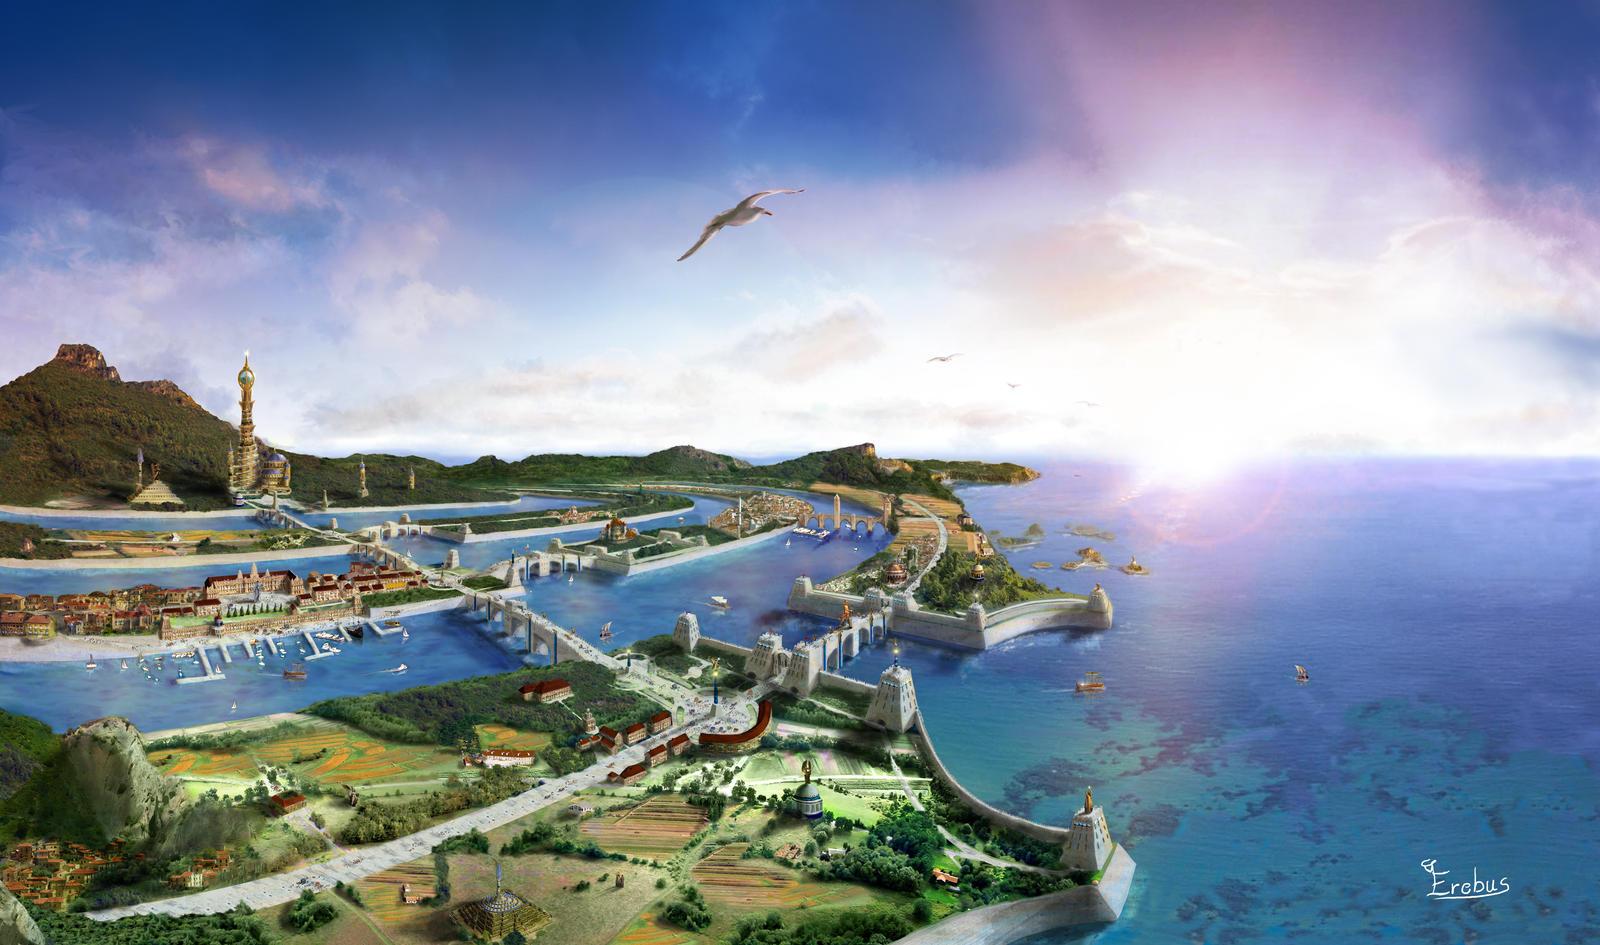 Atlantis - Poseidonis